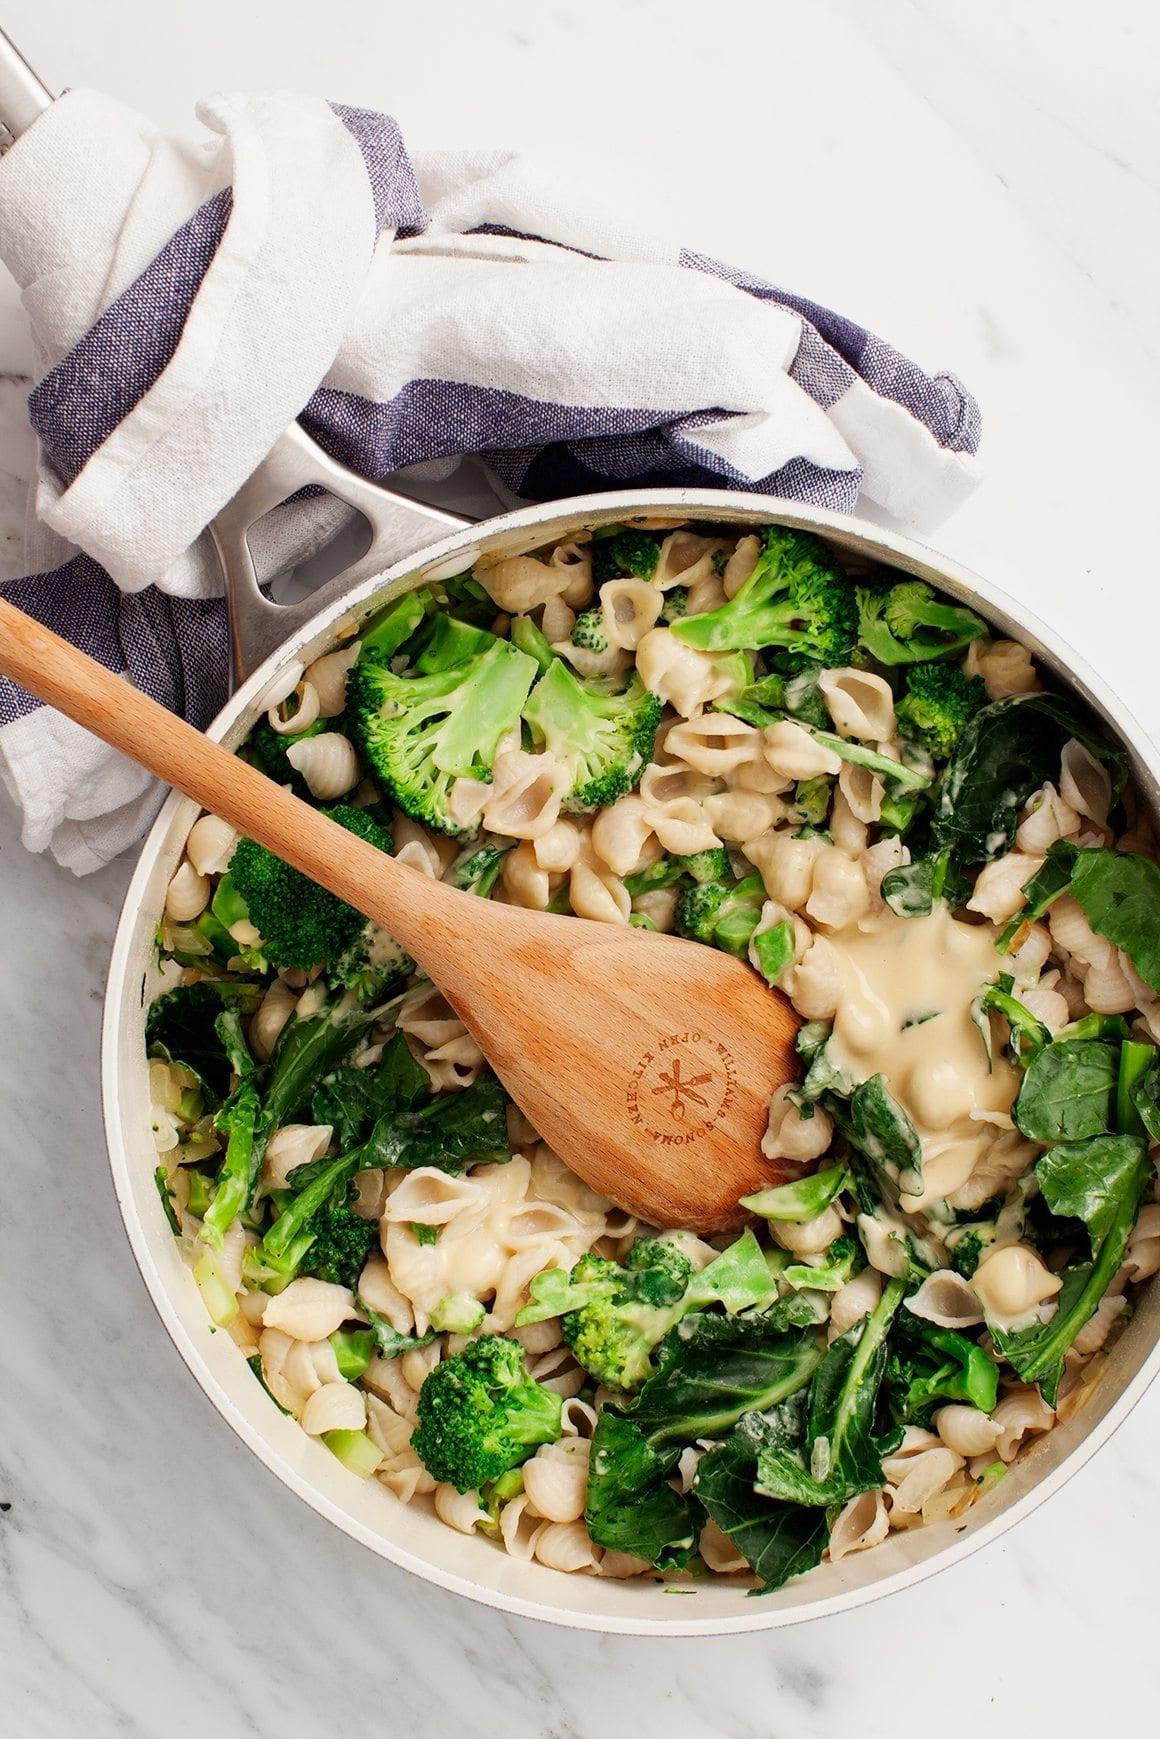 Vegan Dinner For Two  Healthy Ve arian Dinner Recipes Love and Lemons